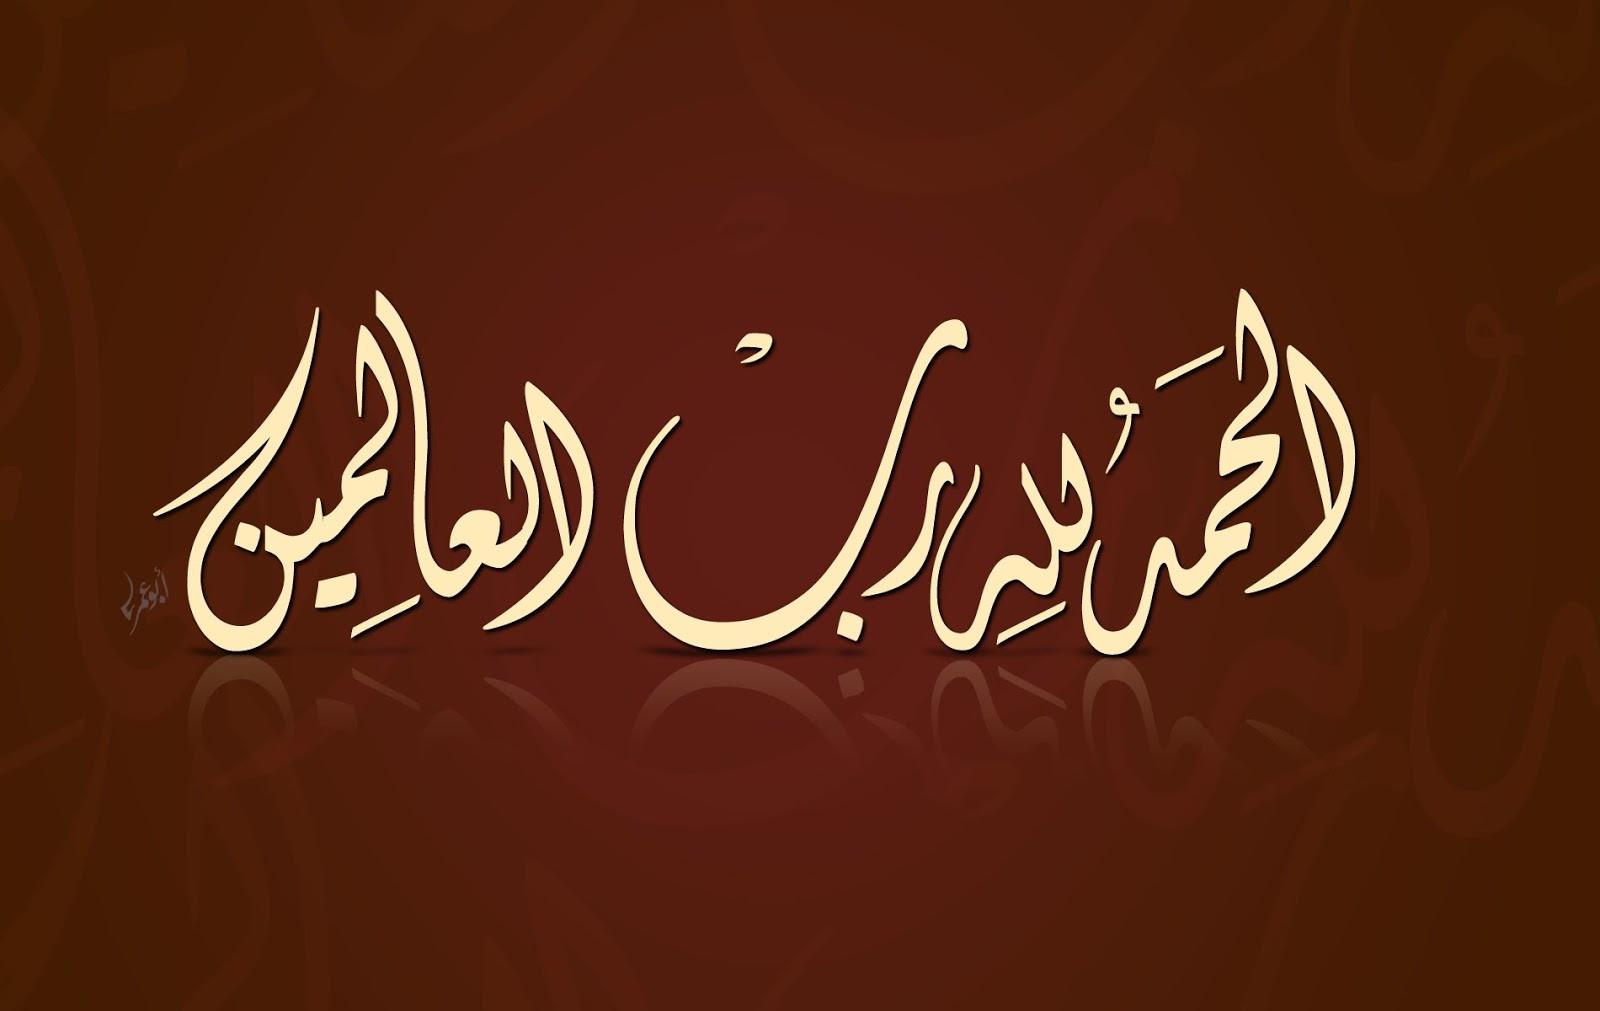 Résultats de recherche d'images pour «وَنَحْنُ نَقُولُ الْحَمْدُ للهِ رَبِّ الْعالَمينَ»